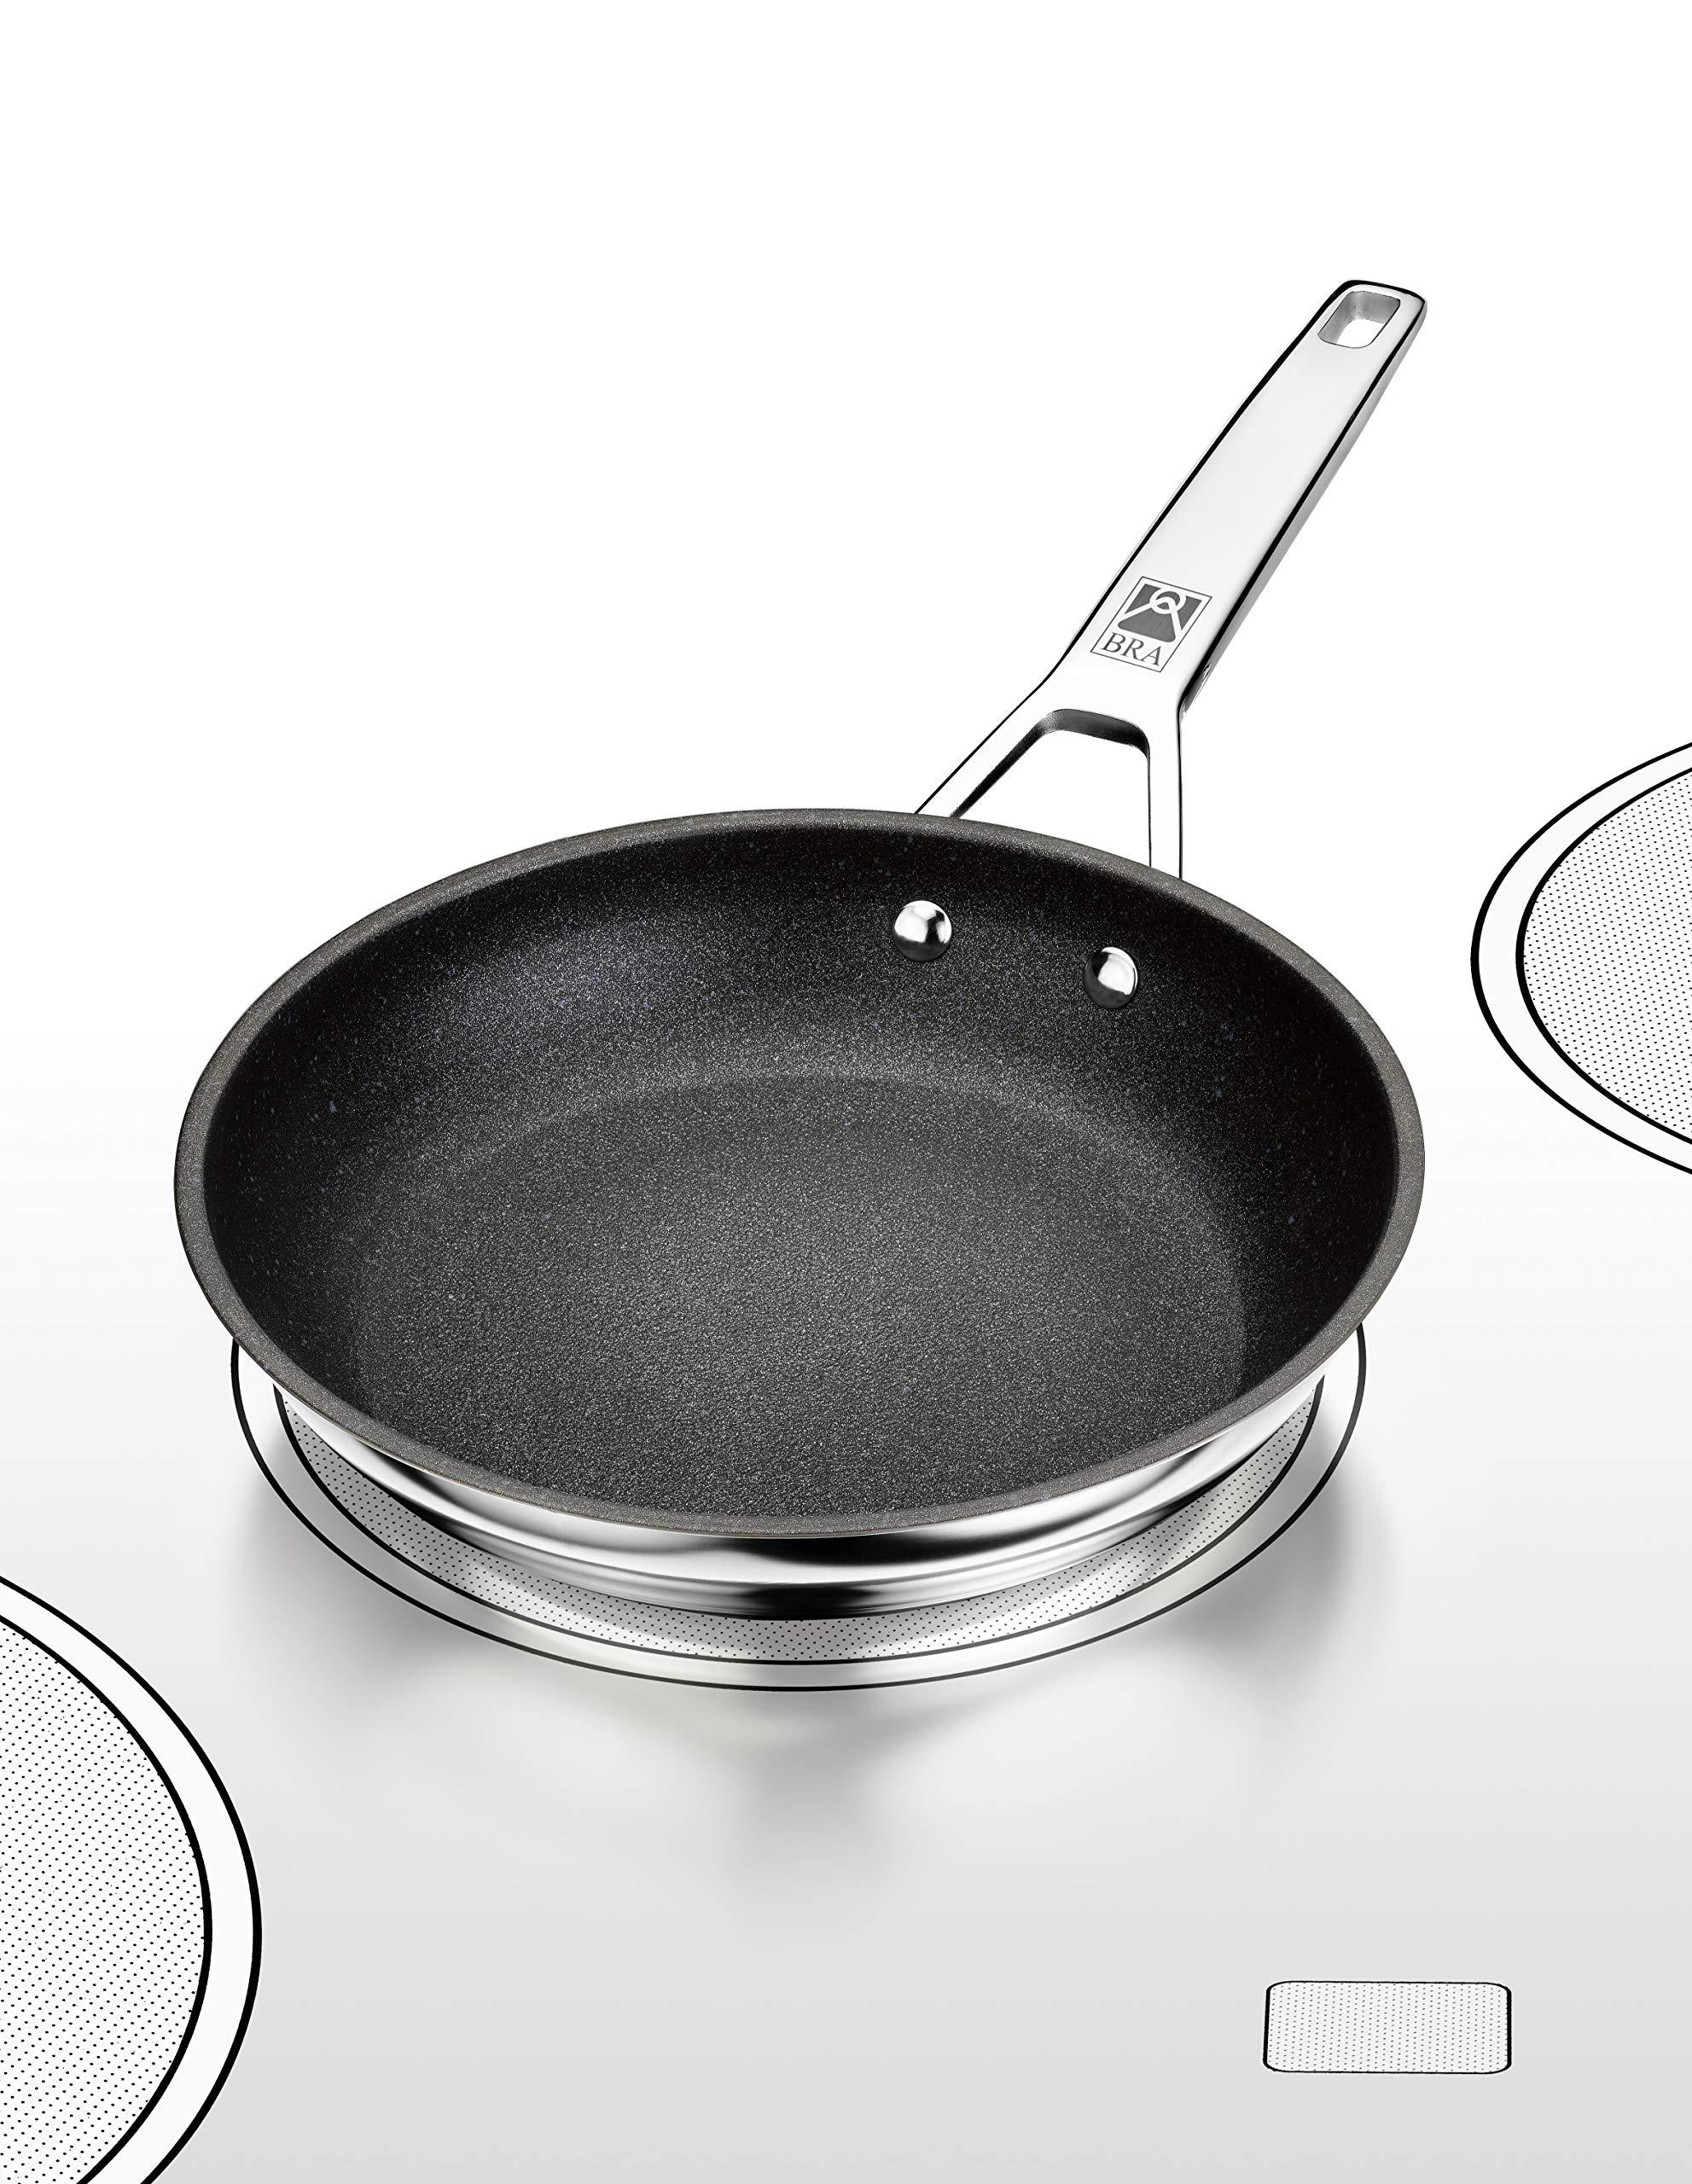 BRA Connect Sartén acero inoxidable con antiadherente Profile y tecnología Bi-Clad, apta para todo tipo de cocinas incluida inducción, libre de PFOA, 20 cm, Aluminio Fundido: Amazon.es: Hogar